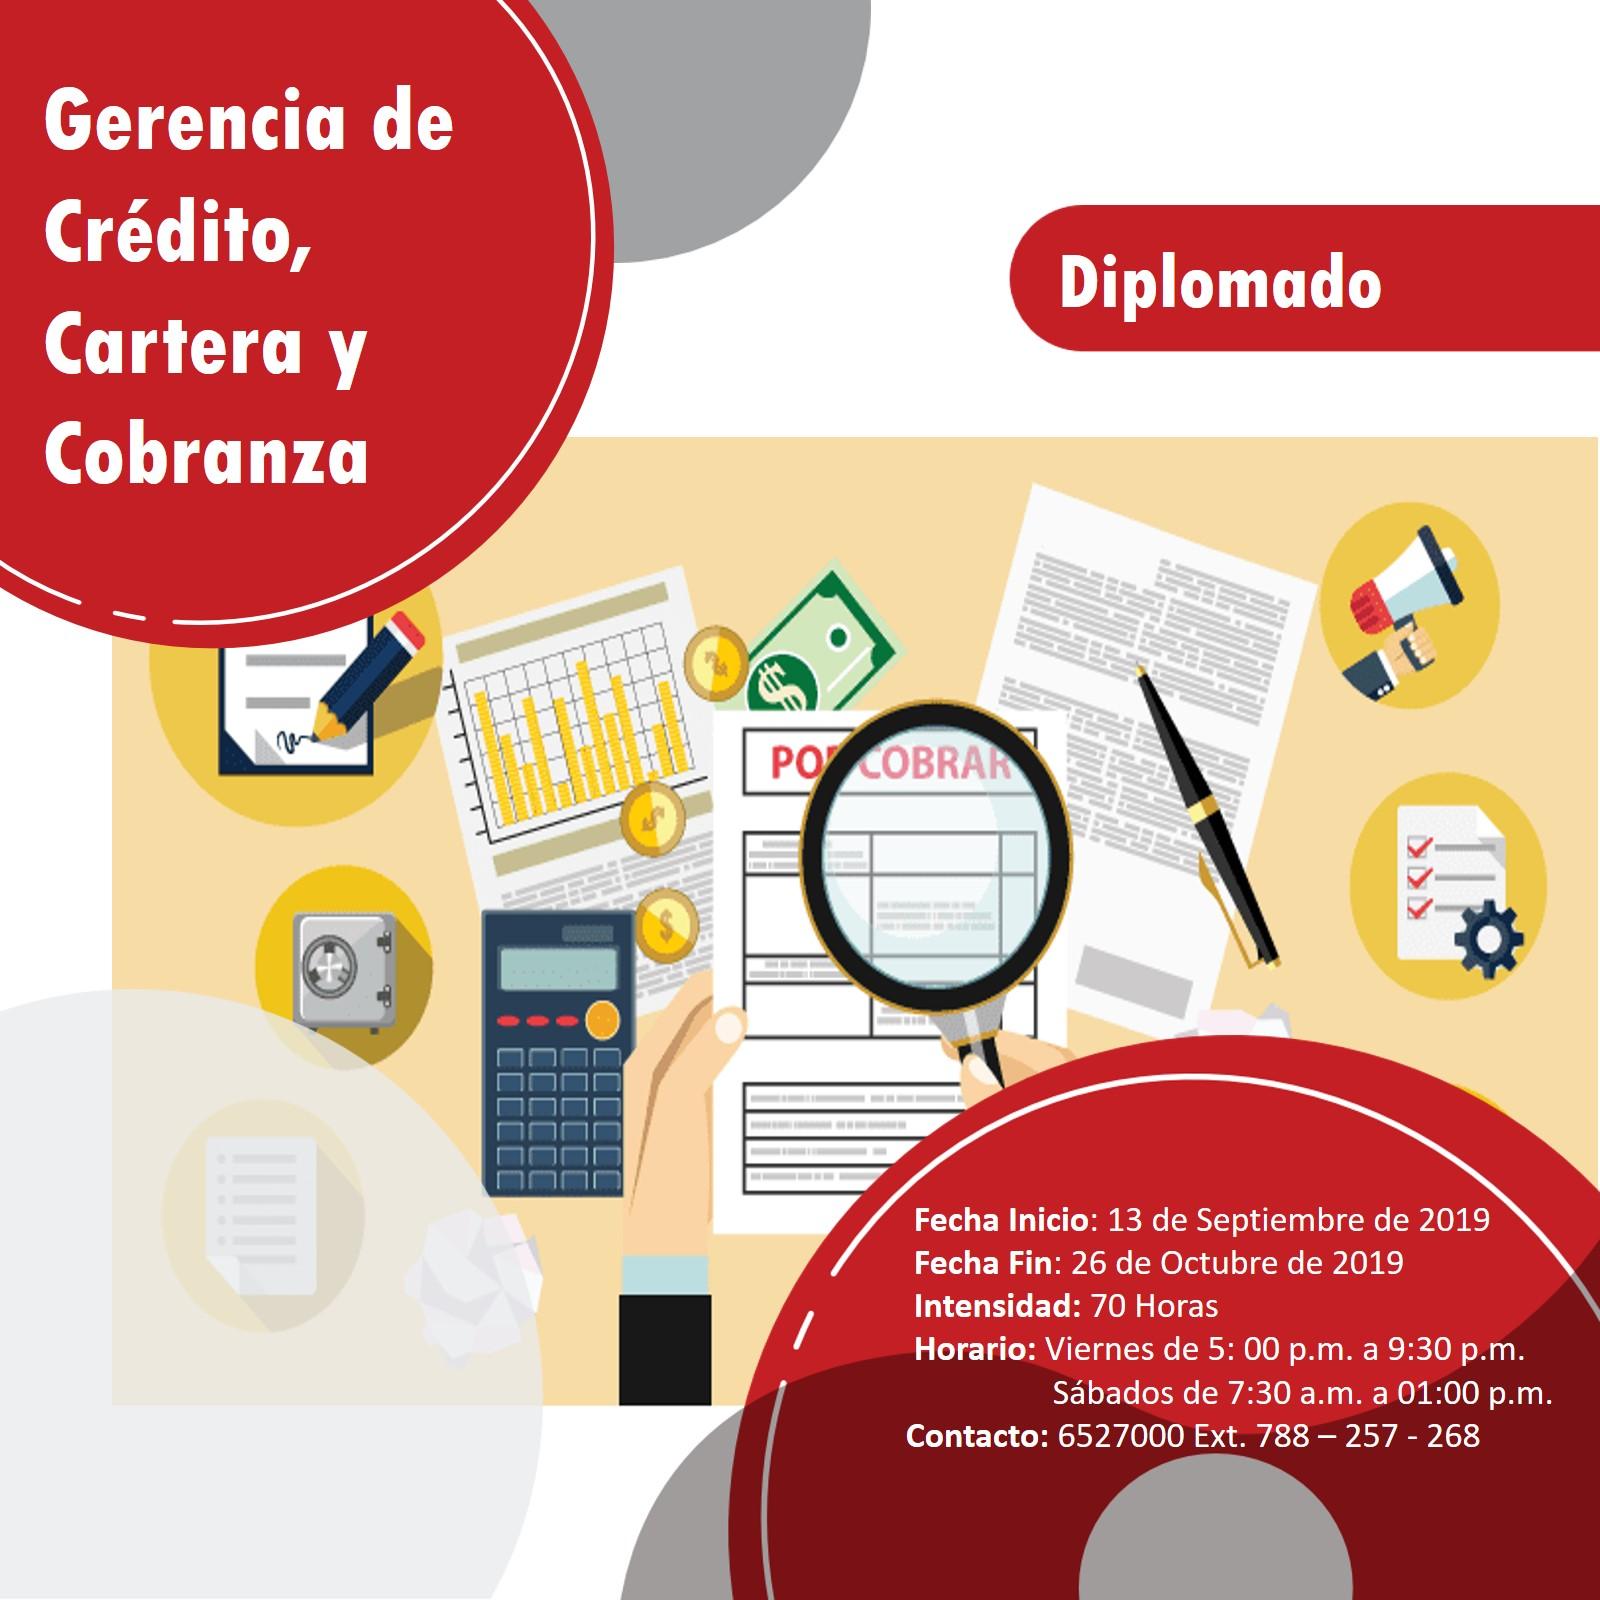 DIPLOMADO GERENCIA DE CRÉDITO, CARTERA Y COBRANZA